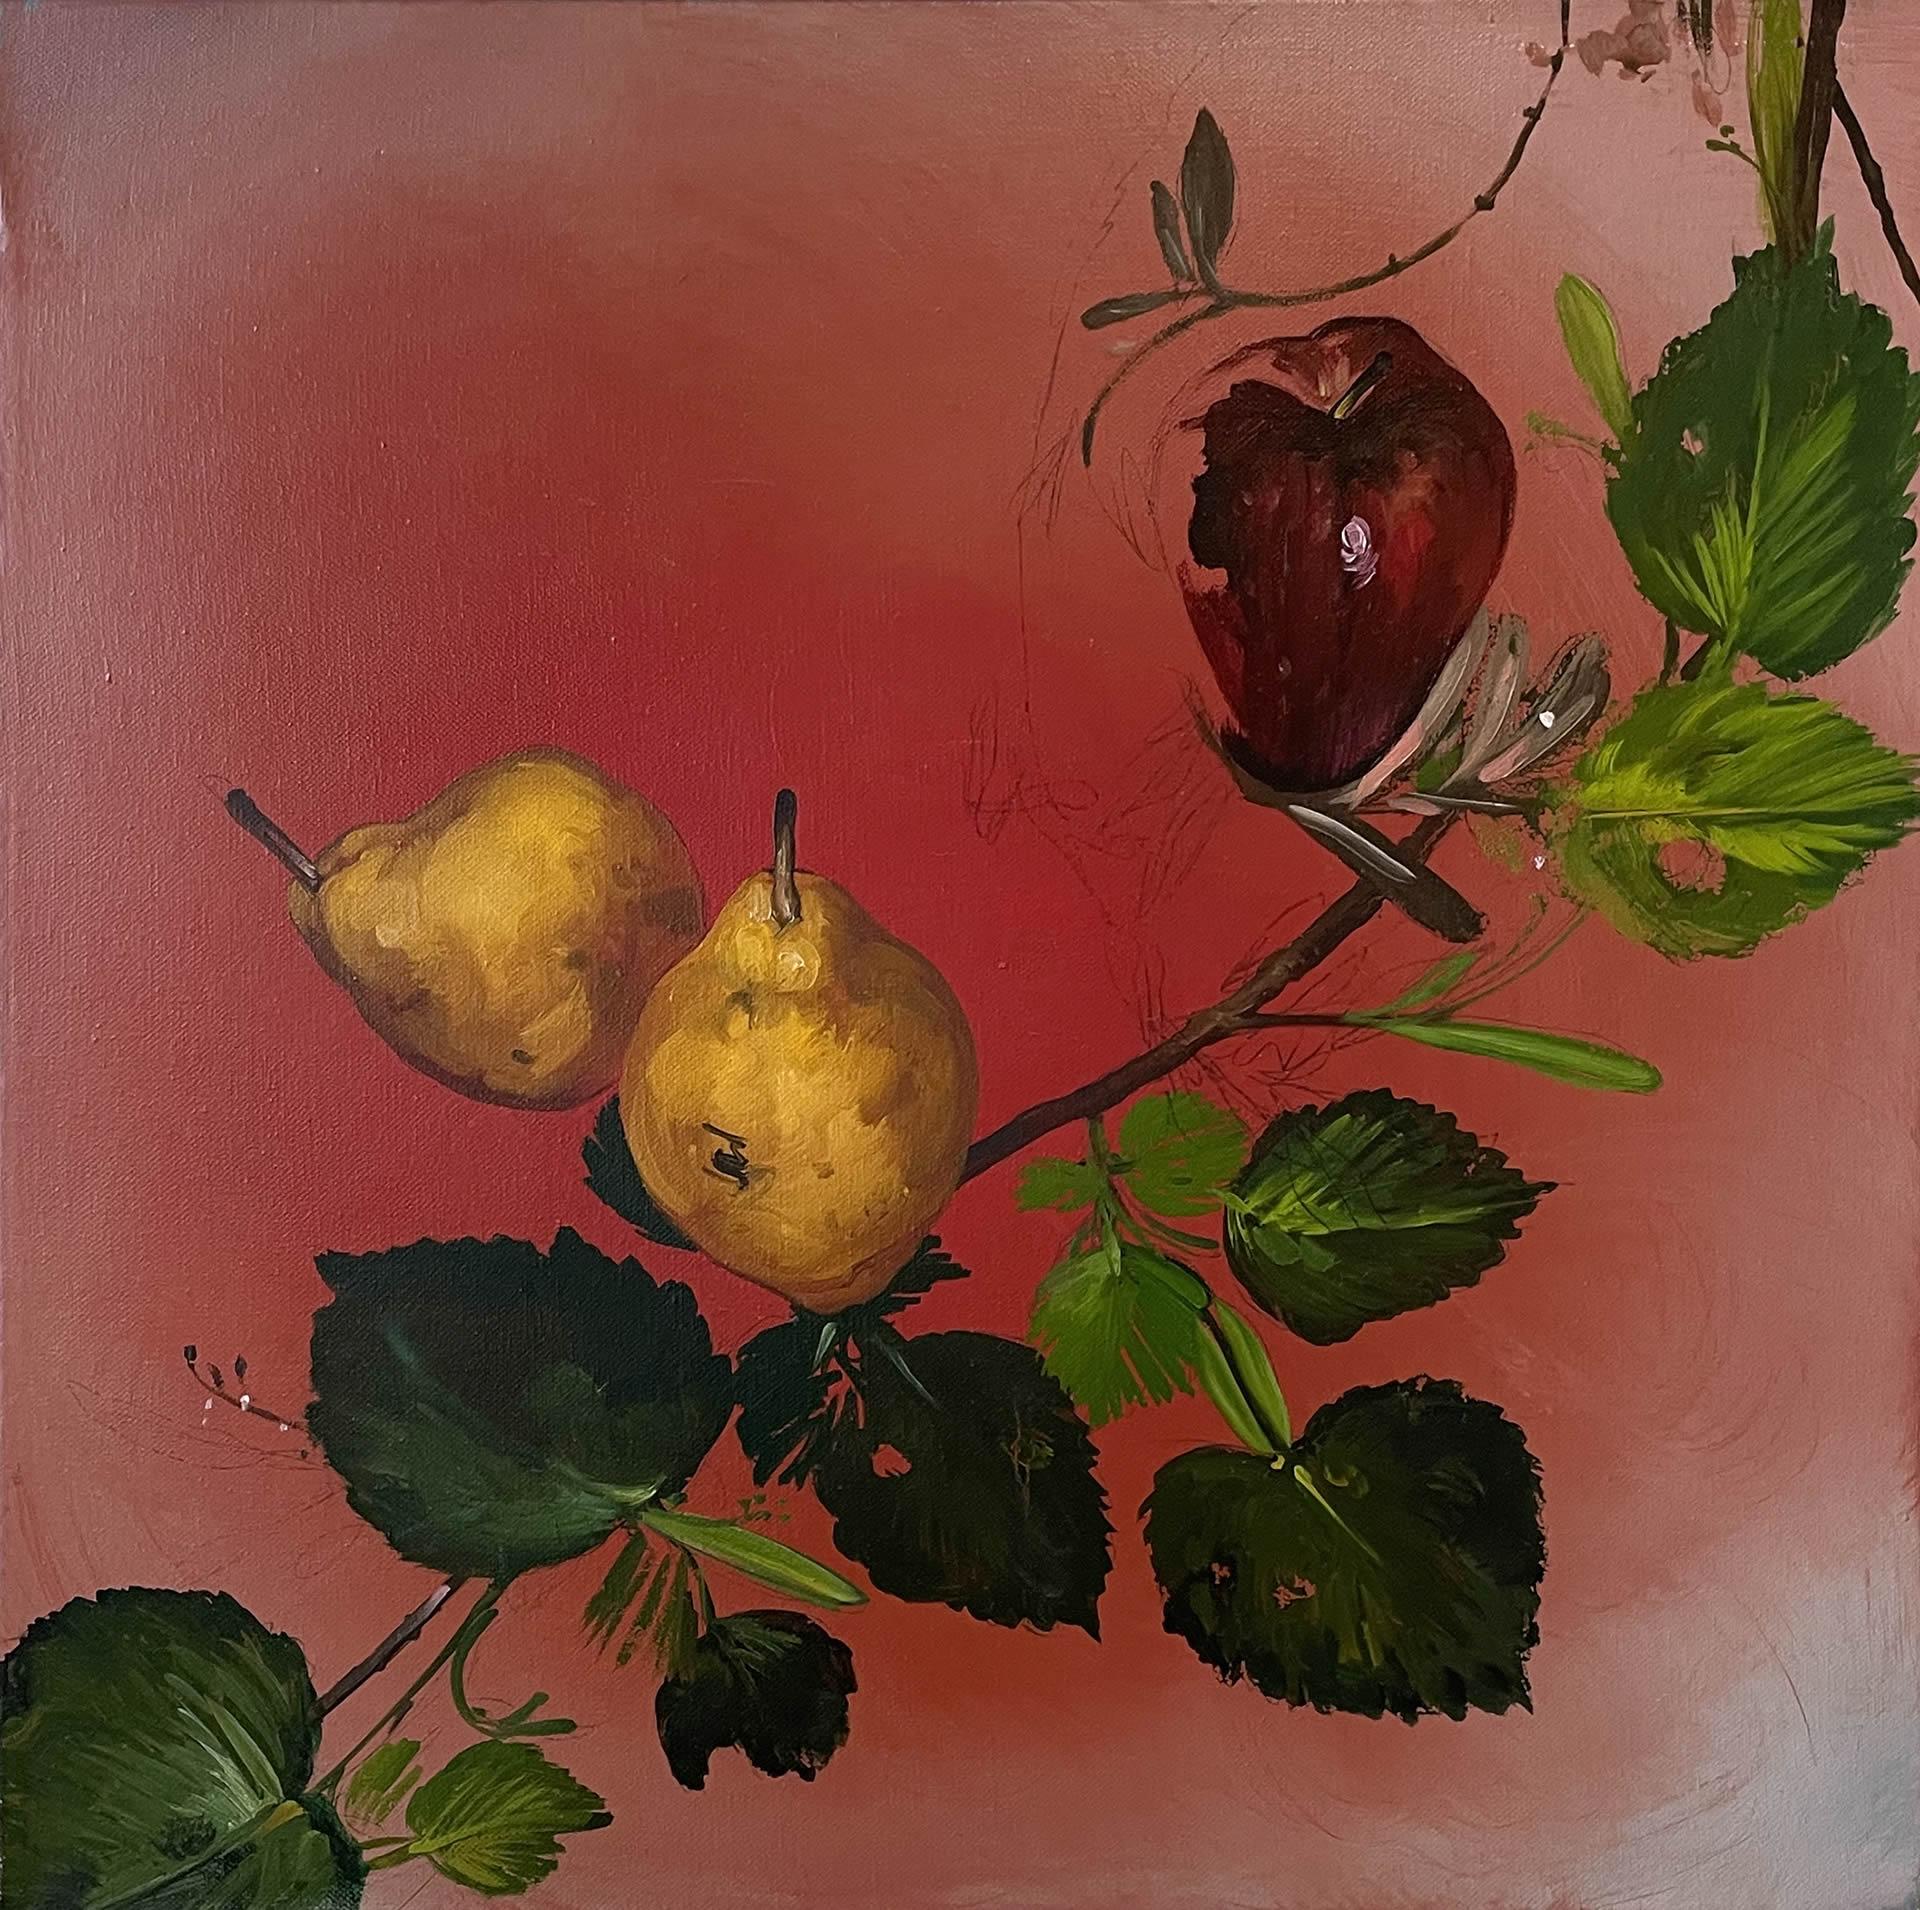 Karen-Yurkovich-PC8-20x20-Online-Art-Galleries